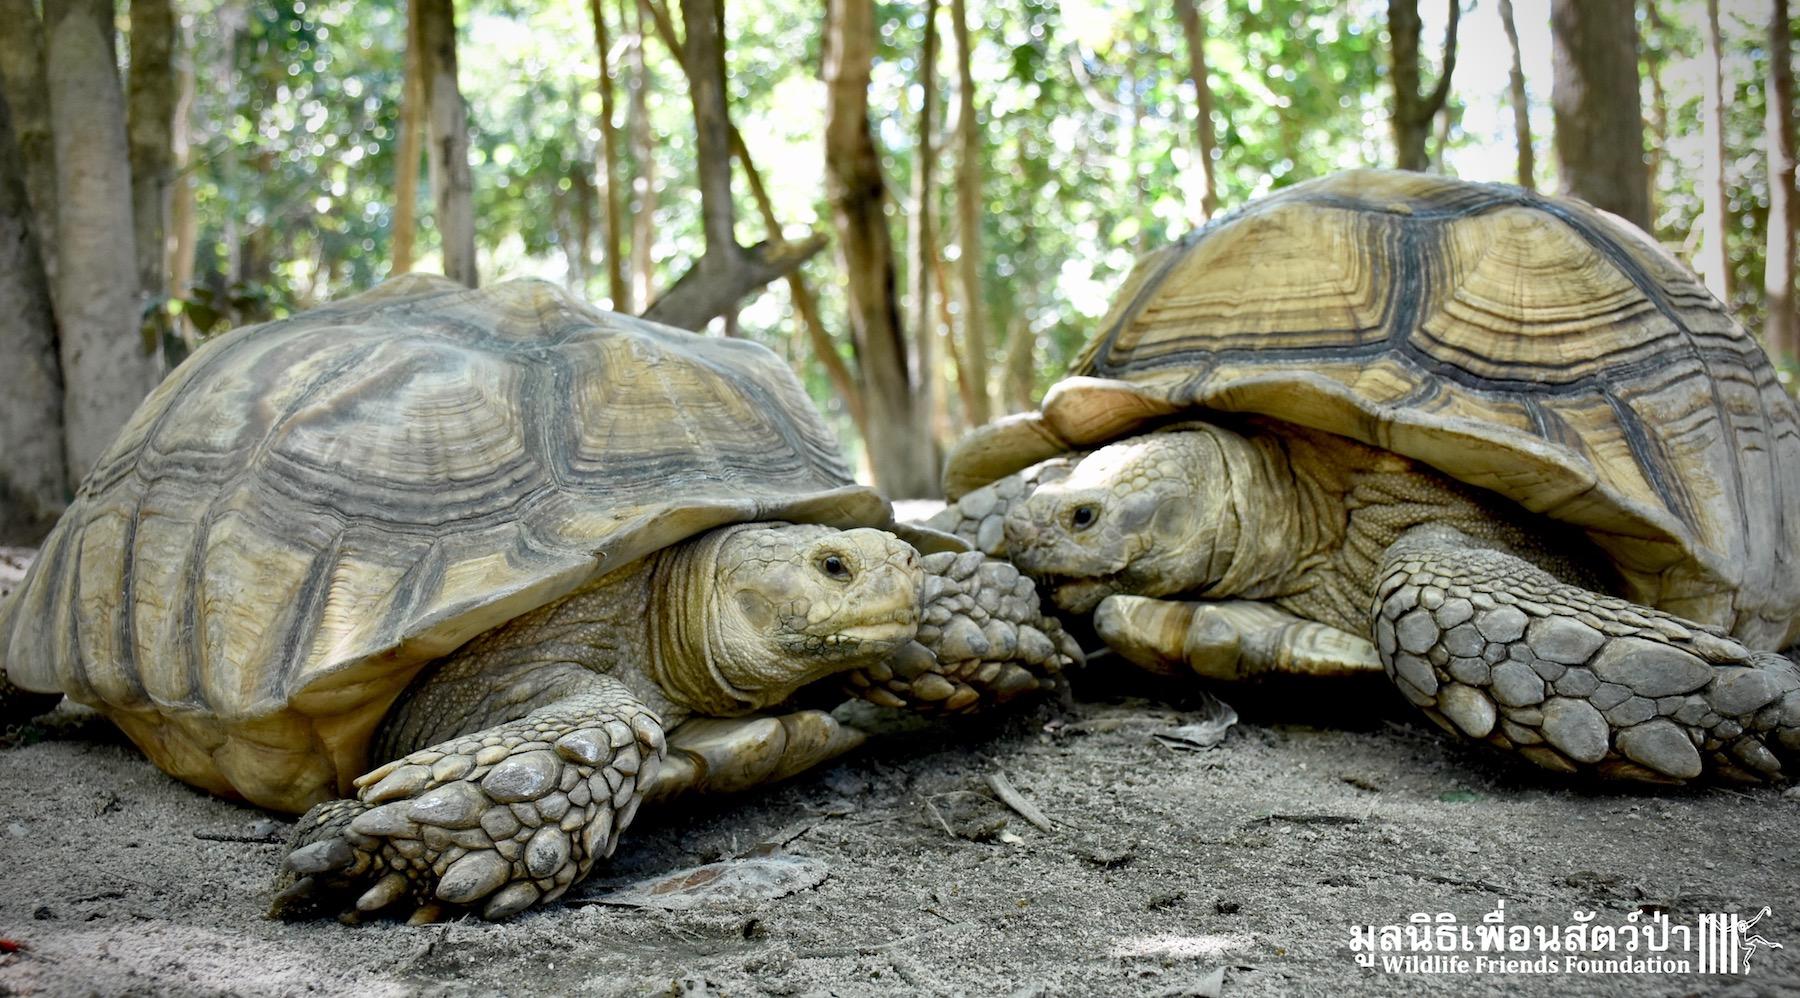 Ex-pet African Spurred Tortoises Arrive - Wildlife Friends ...